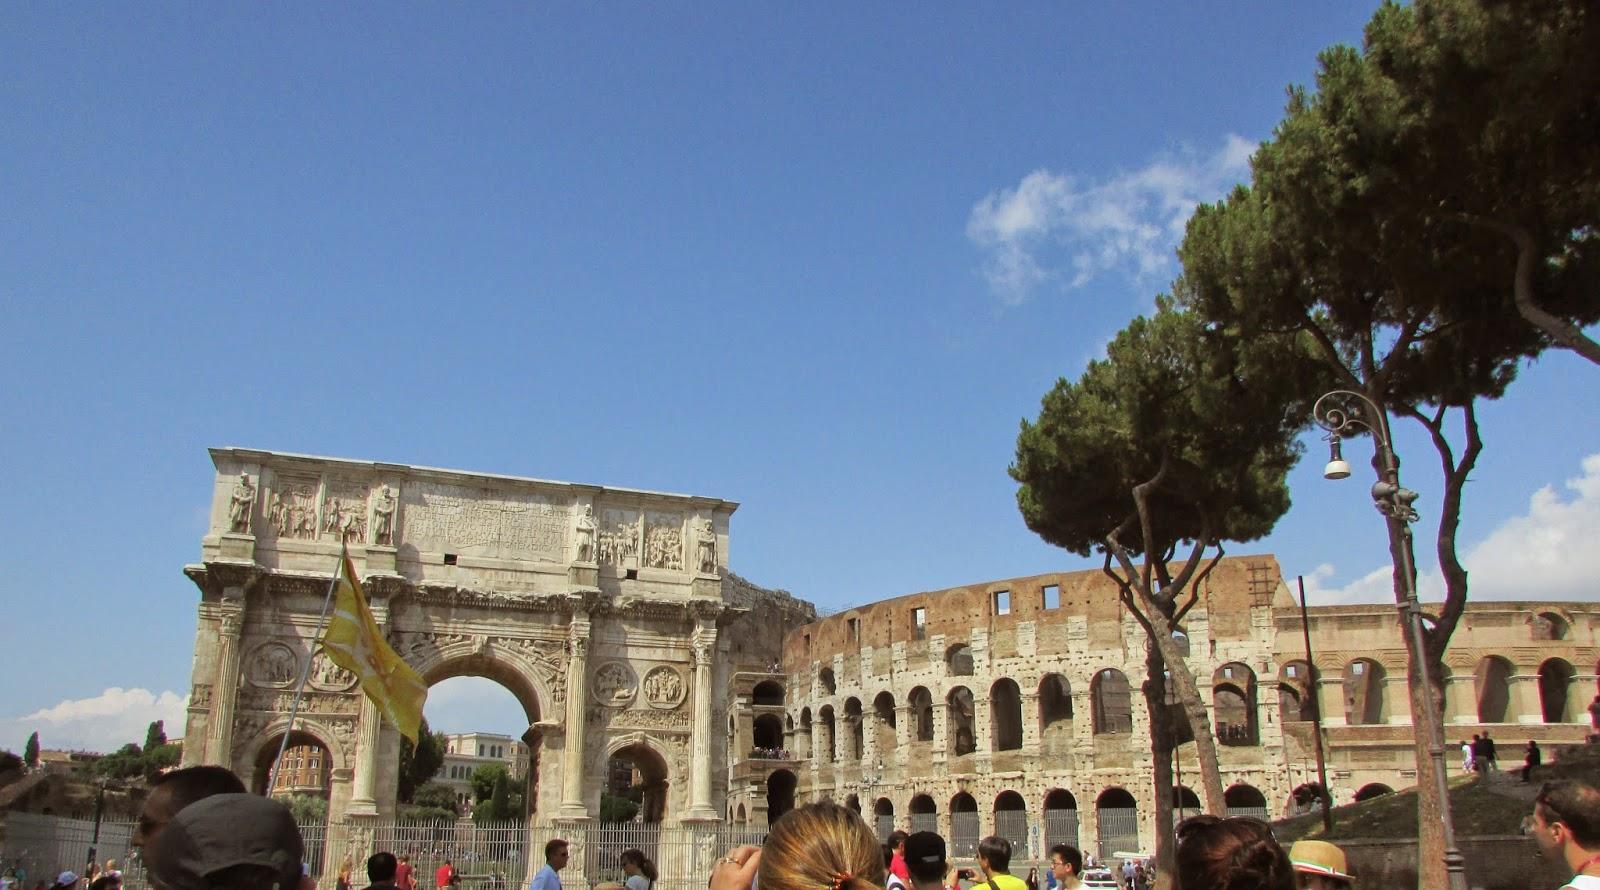 Itália, Roma, turismo, Europa, Italy, travel, trip, viagem, Italia, Vaticano, Basílica de São Pedro, Circus Maximus, Palatino, Arco de Constantino